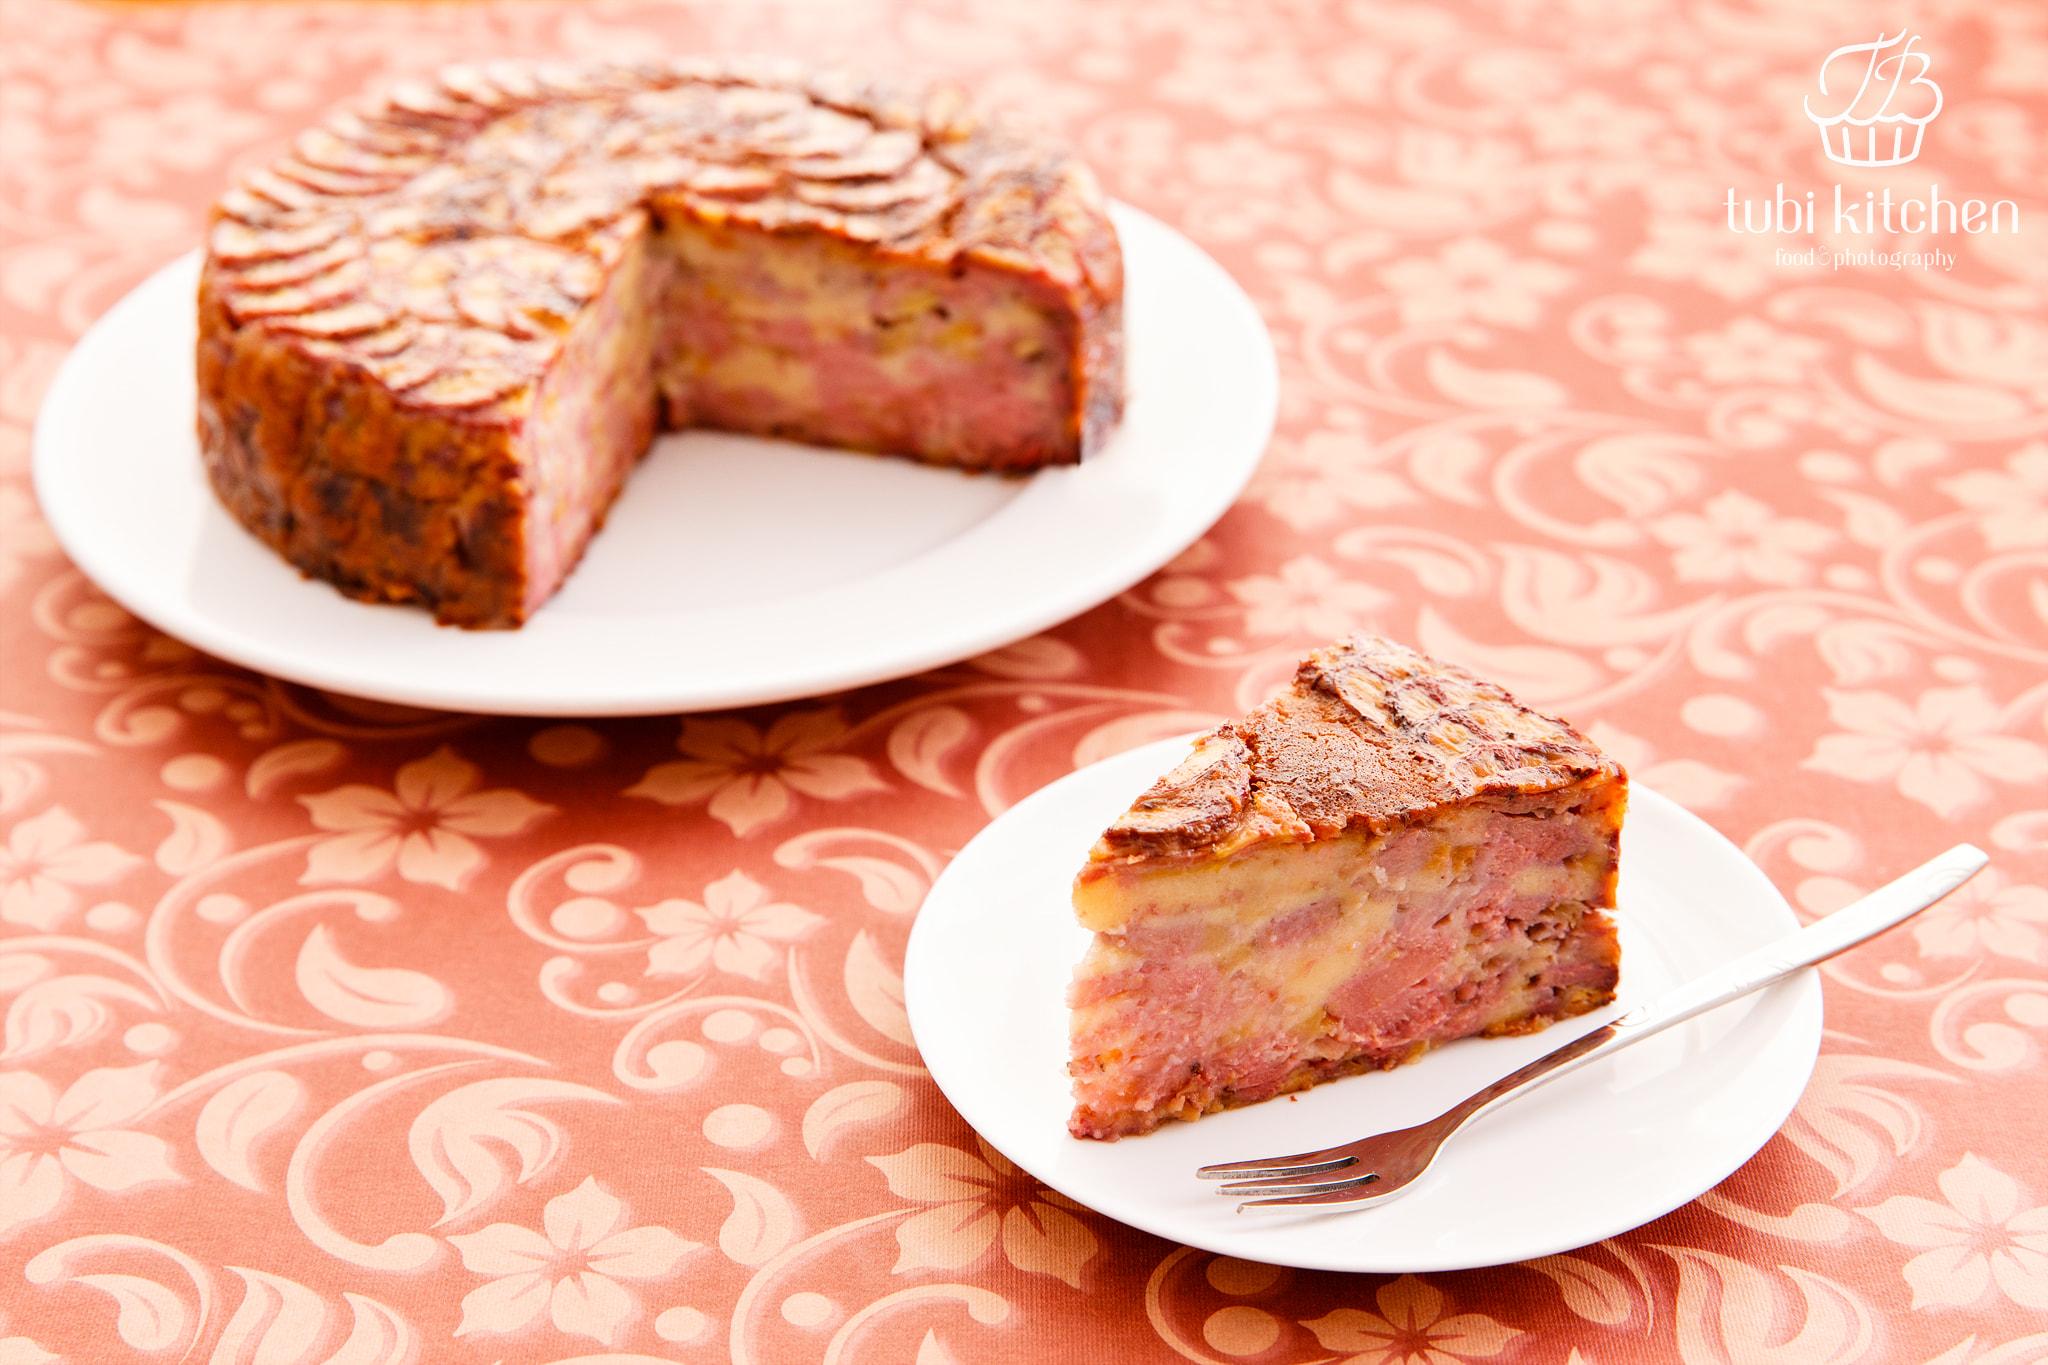 bí quyết nướng bánh chuối 8 bí quyết nướng bánh chuối Bí quyết nướng bánh chuối truyền thống đỏ hồng bắt mắt bi quyet nuong banh chuoi 8